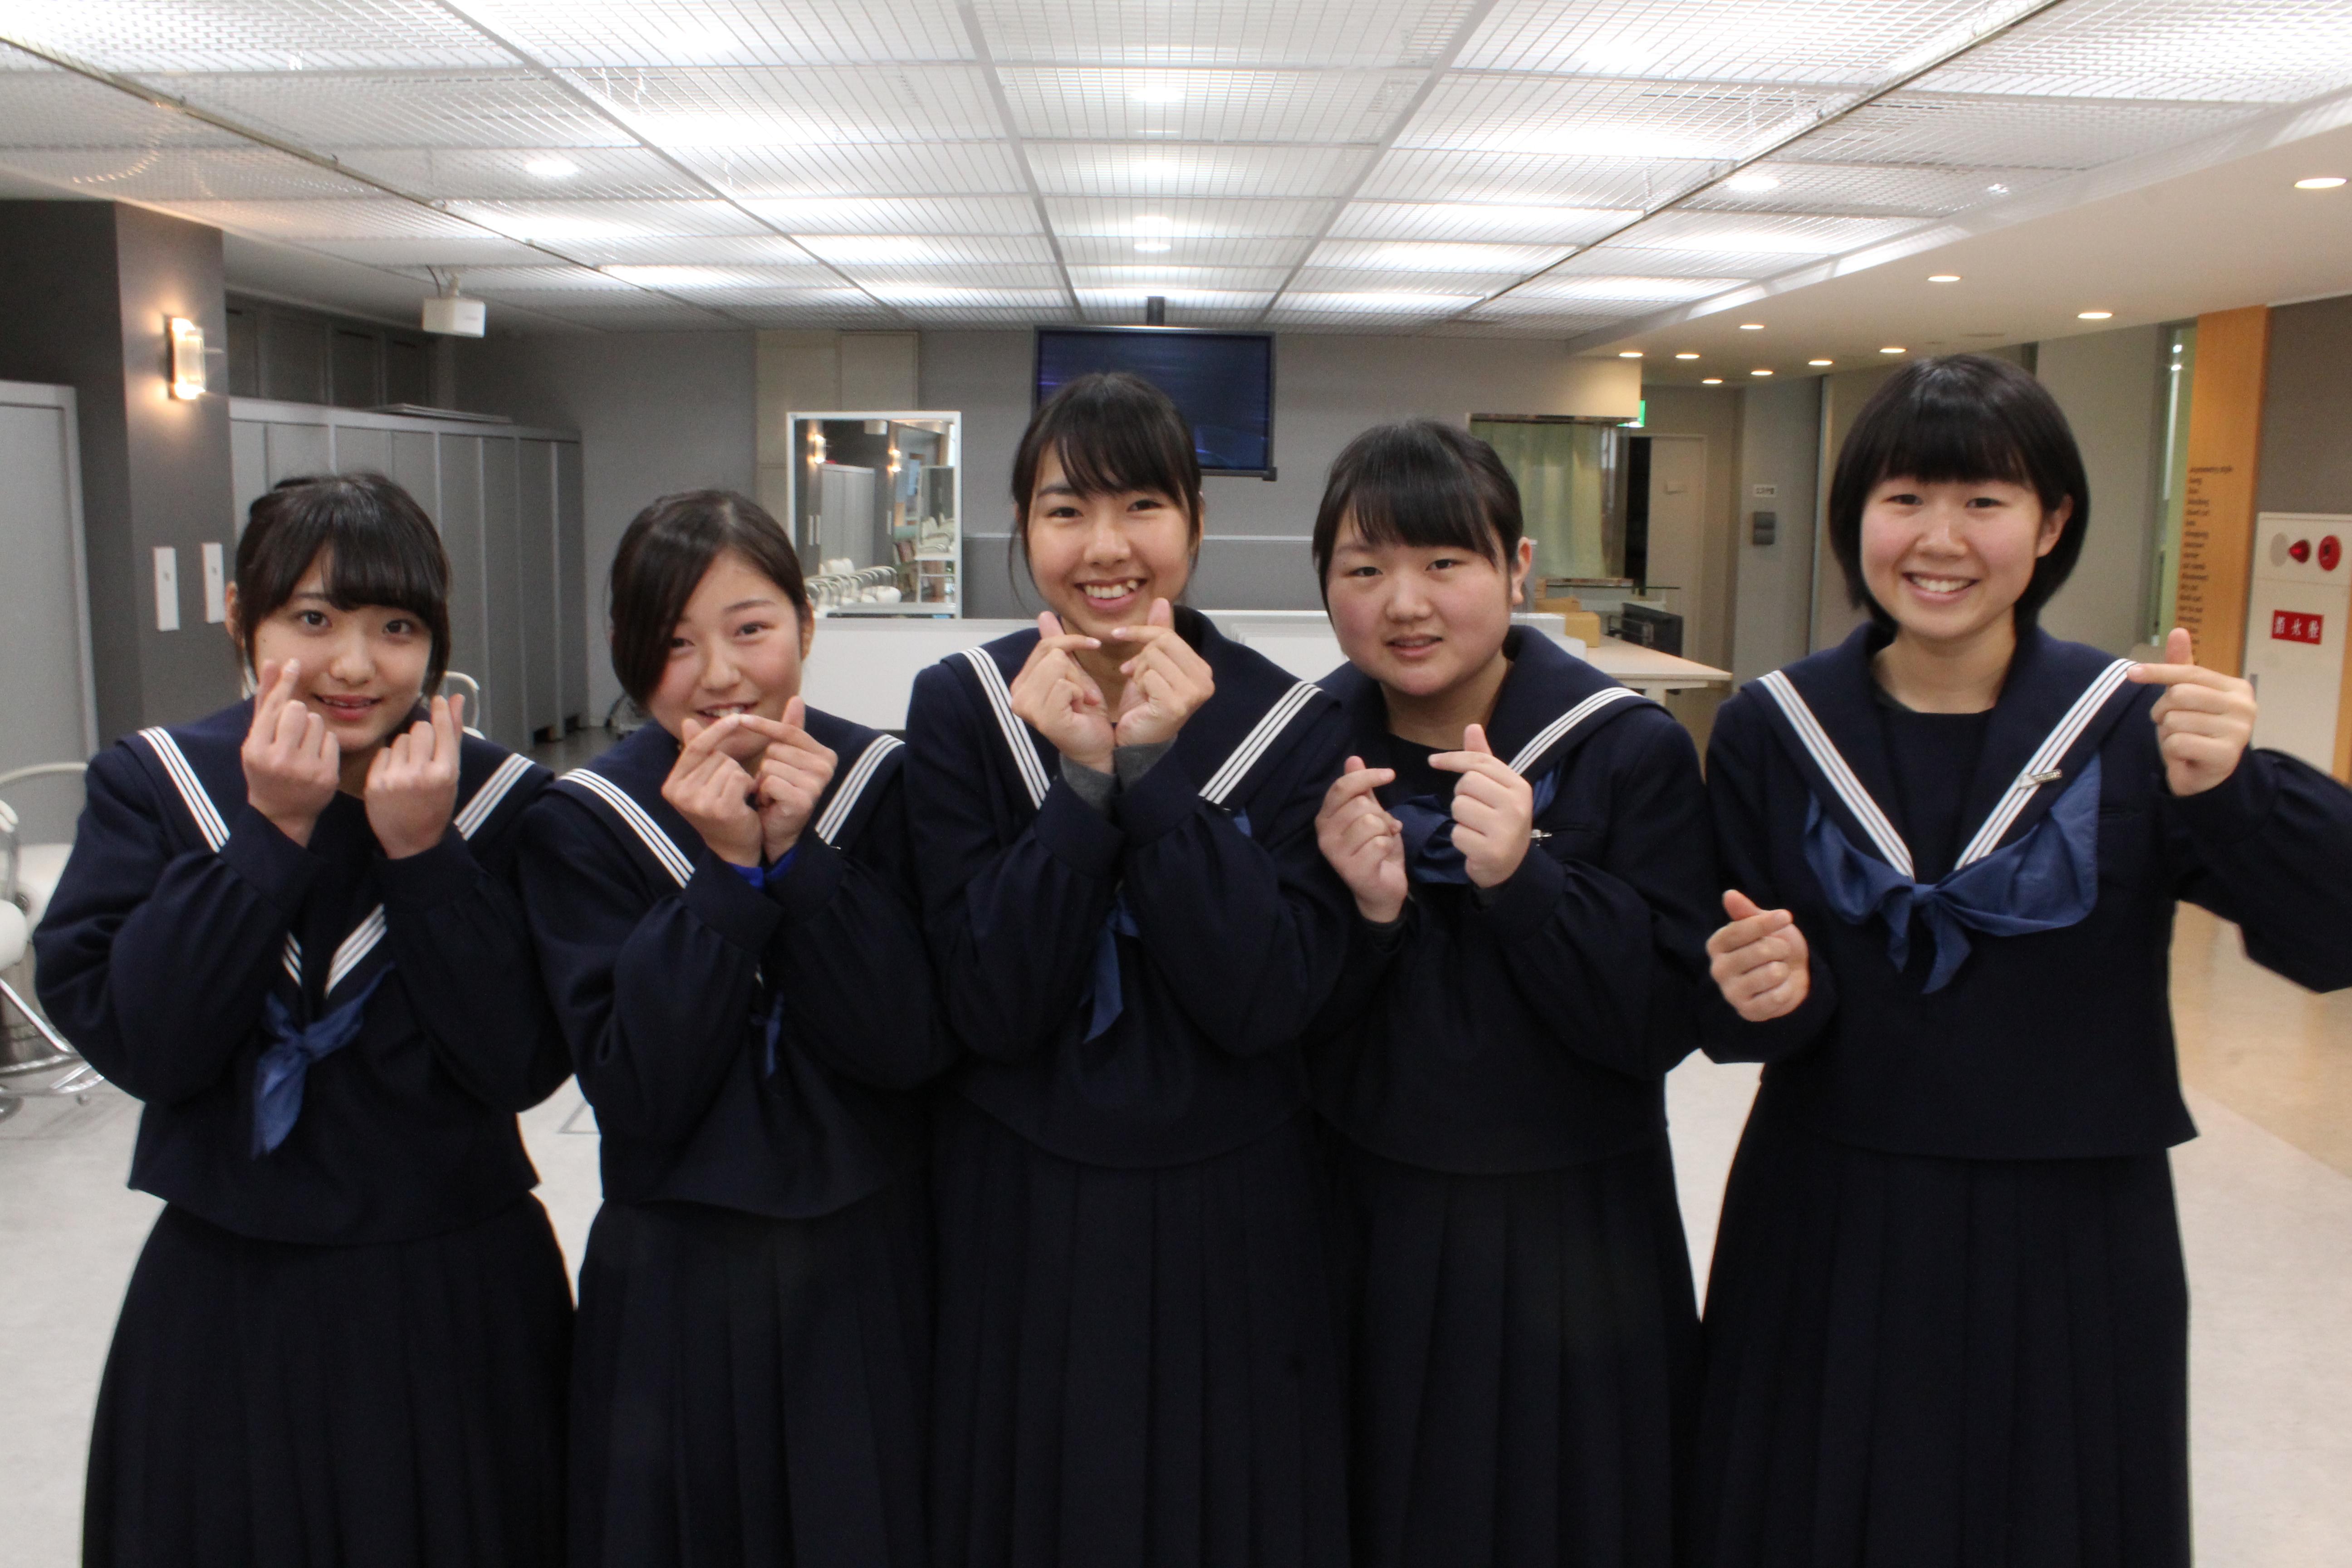 芋な女子中学生が好き22 [無断転載禁止]©bbspink.comYouTube動画>18本 ニコニコ動画>1本 ->画像>227枚